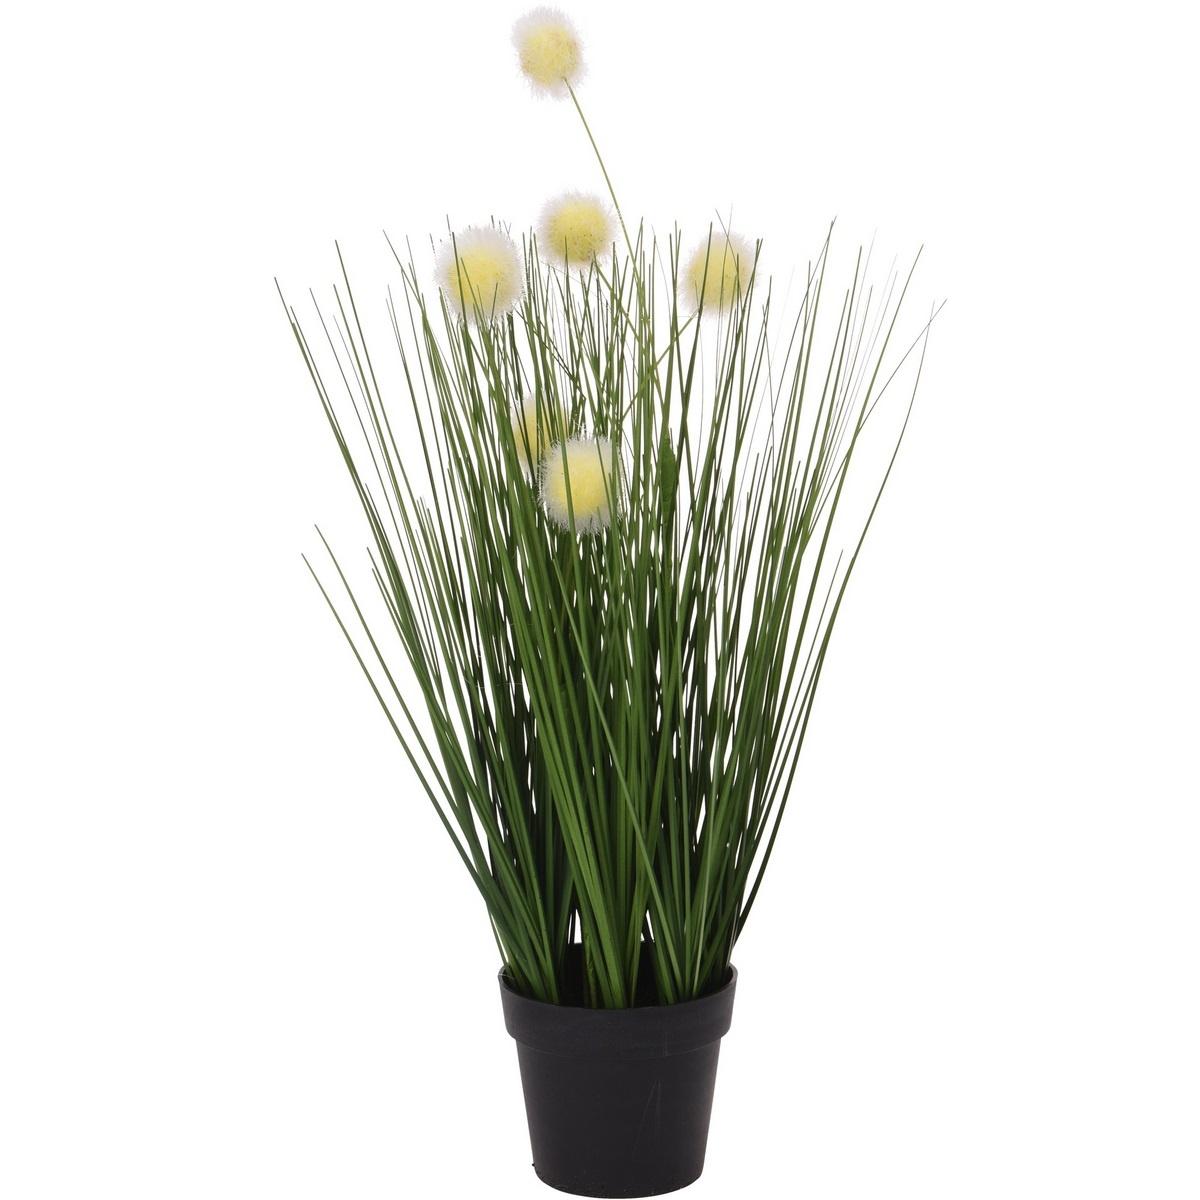 Koopman Umělá kvetoucí tráva Eleonore, 46 cm